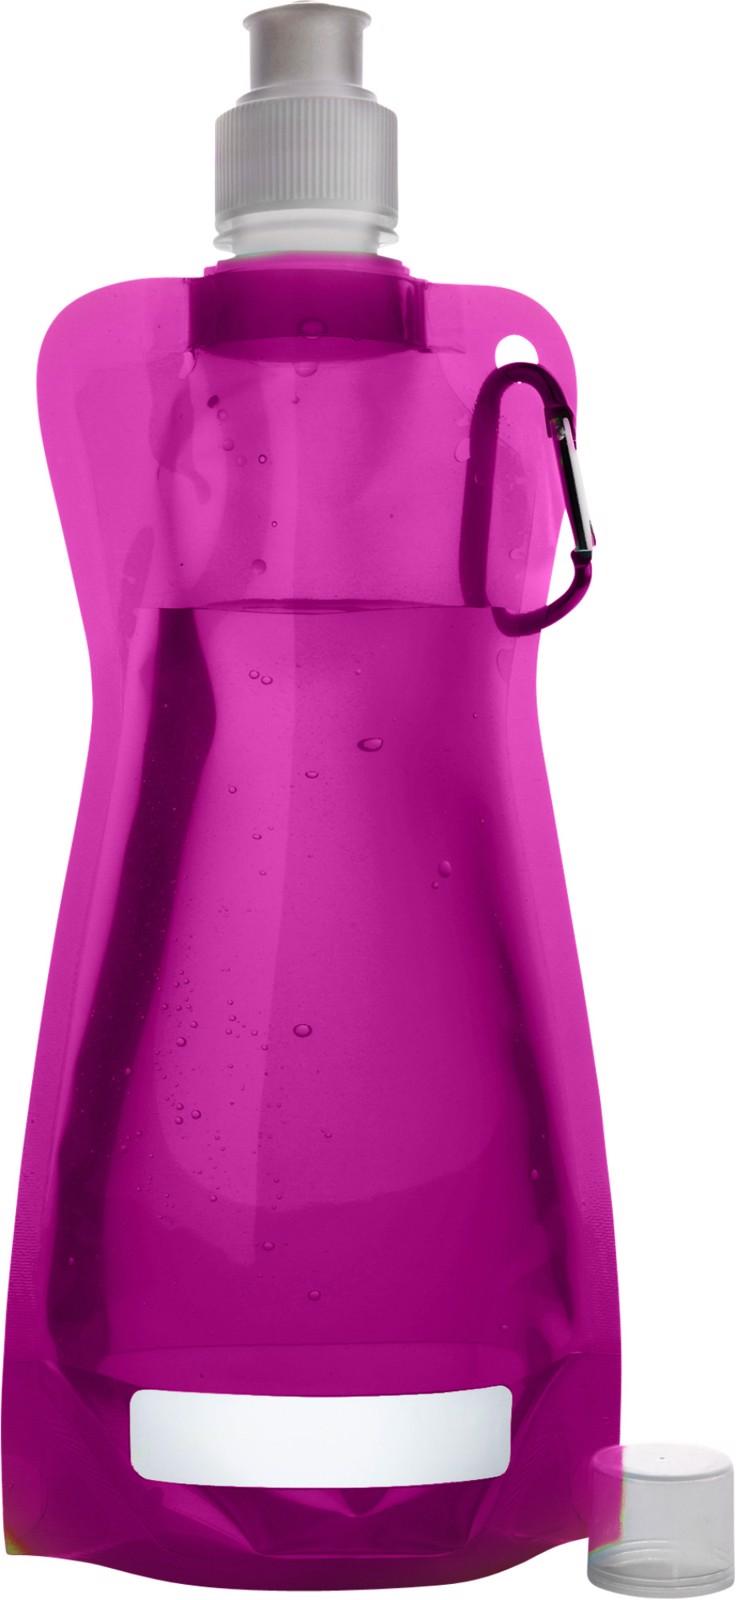 PP bottle - Pink